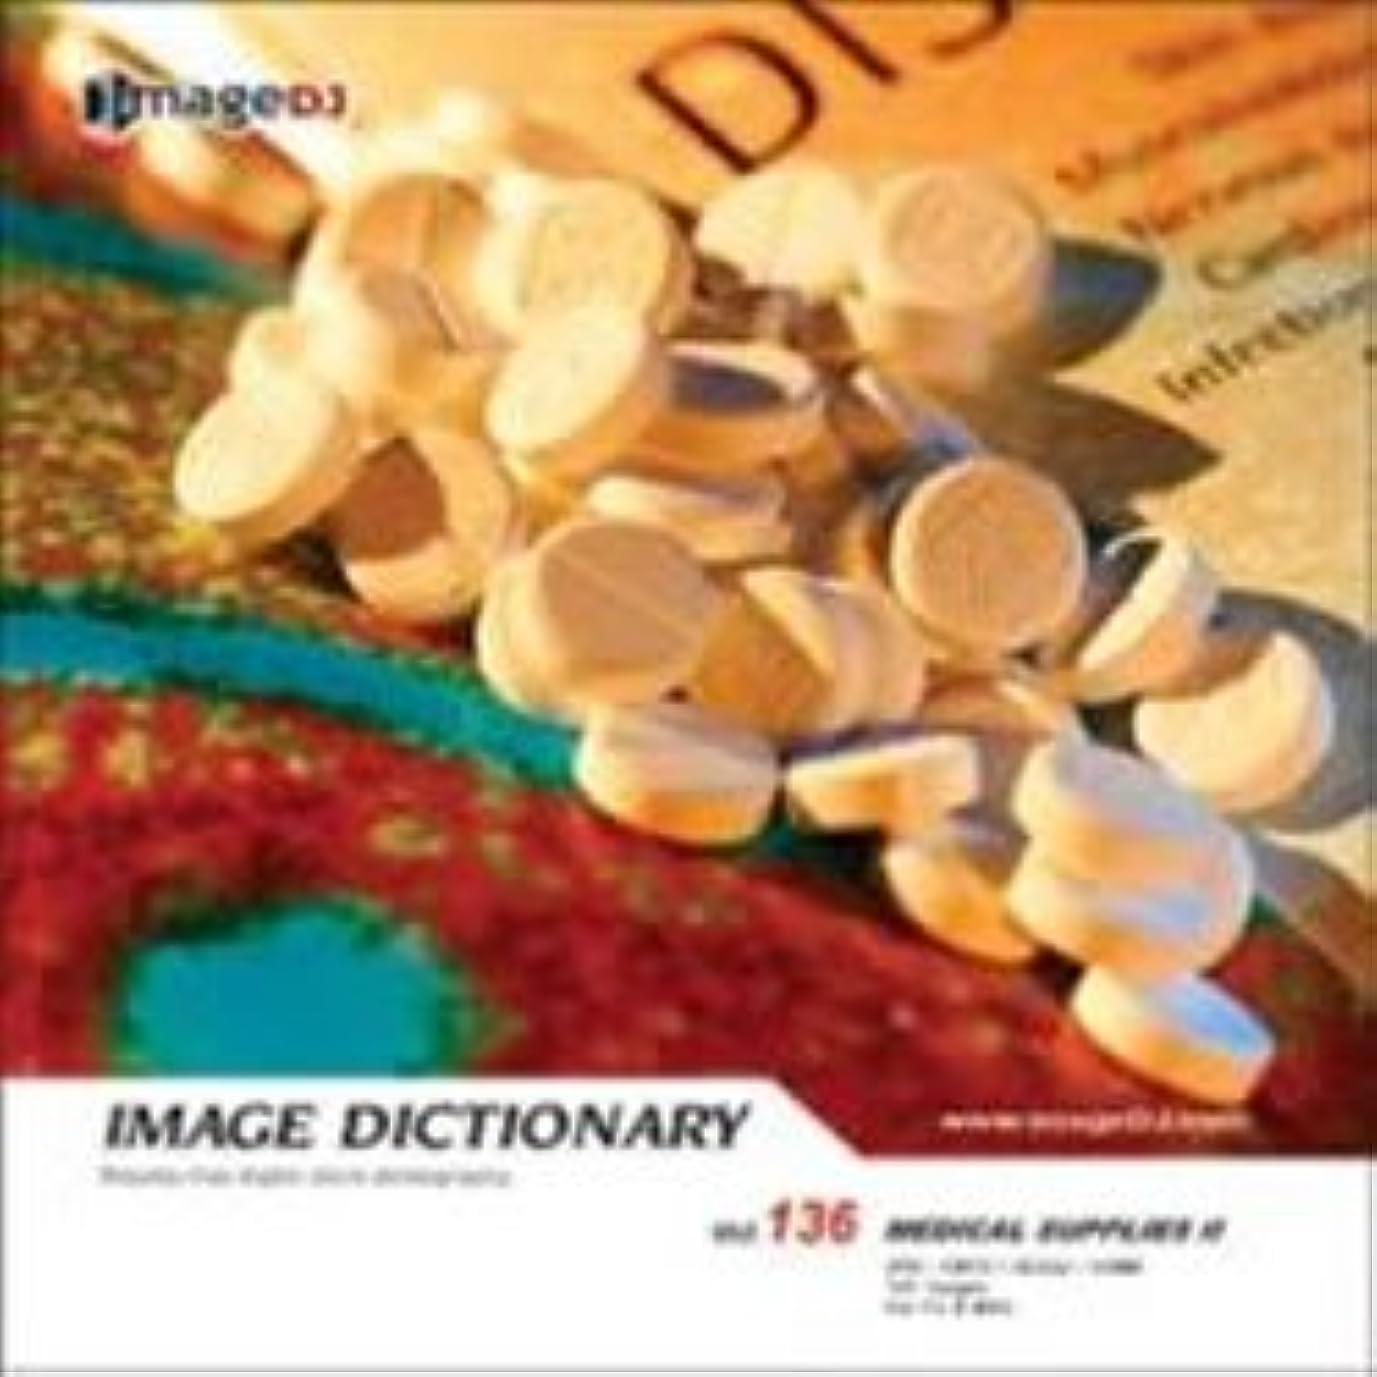 たくさんのセンチメンタルピカソイメージ ディクショナリー Vol.136 医療用品 (2)